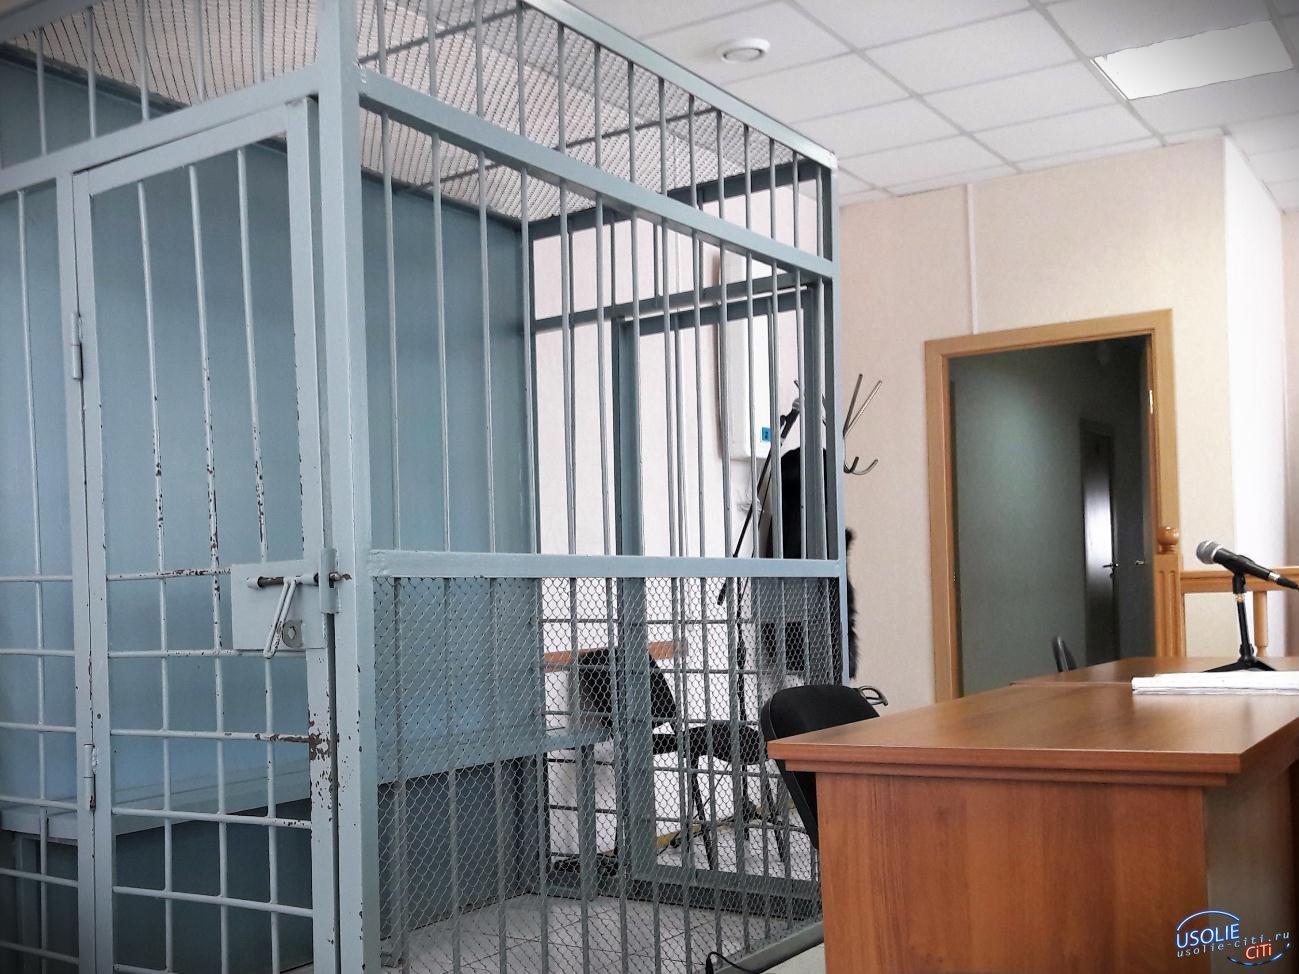 За кражу денег с карты у своей знакомой в Усолье осудили мужчину